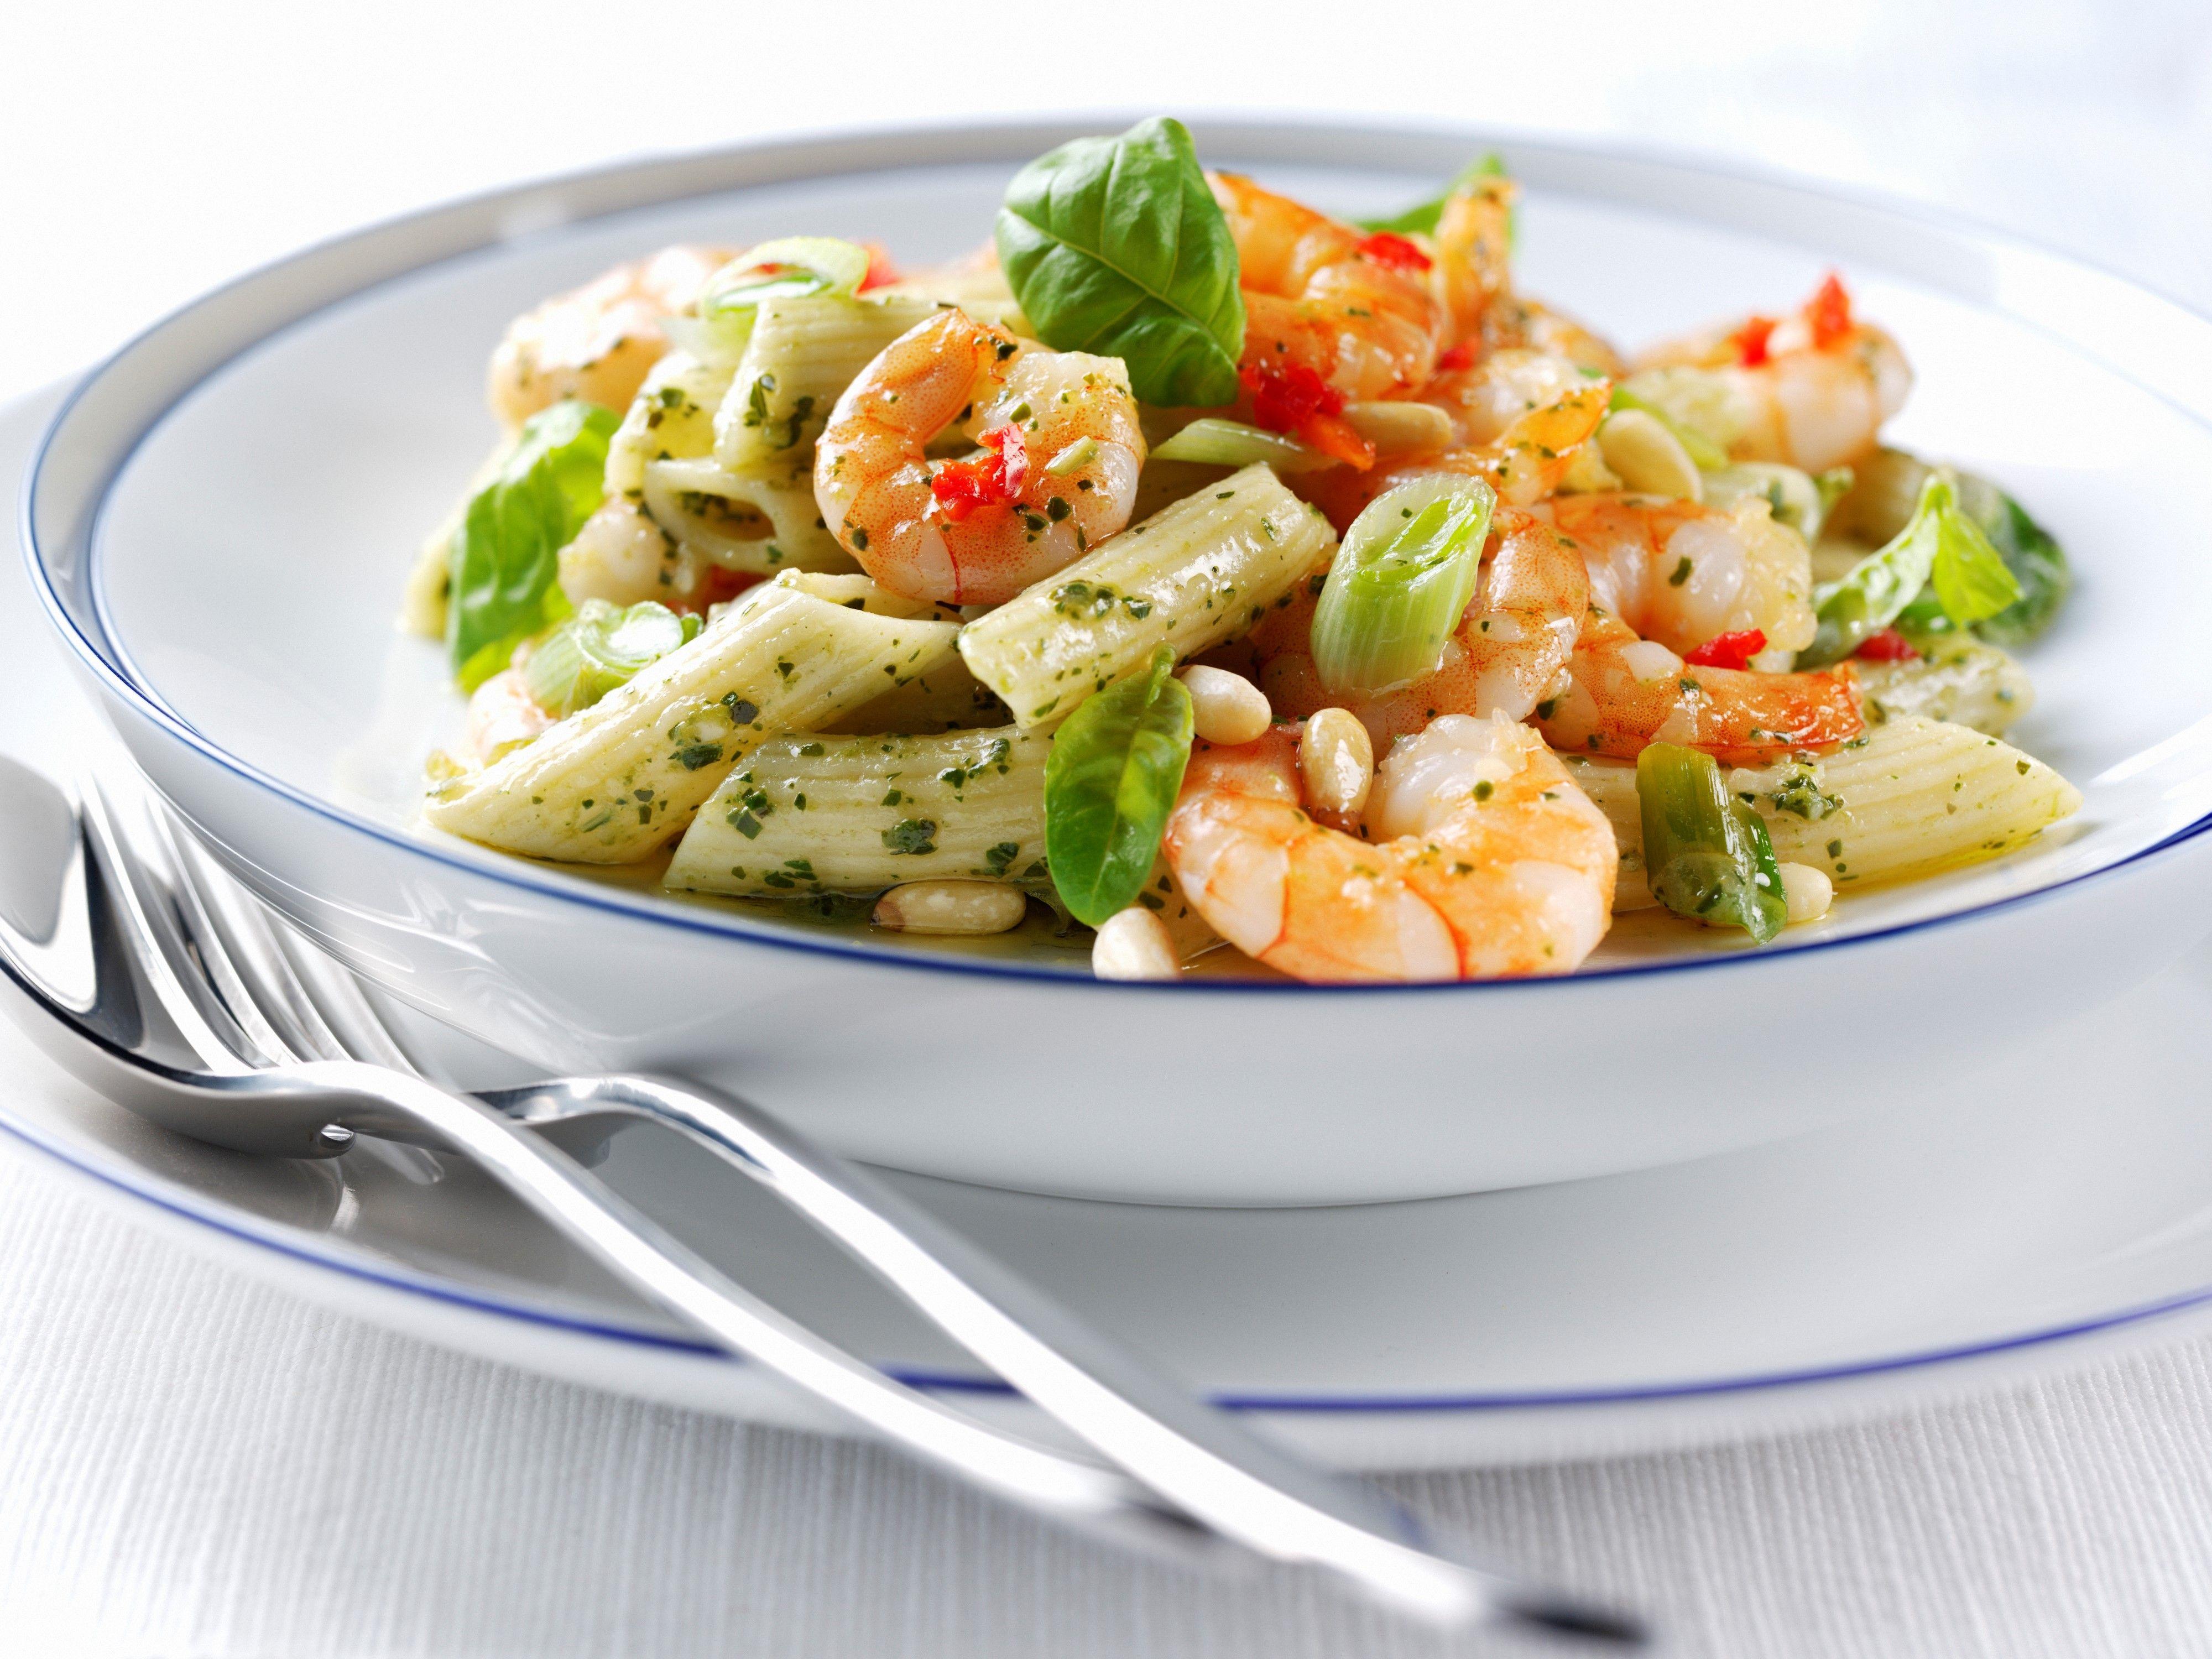 <p>Il <strong>monopiatto</strong> della dieta Gift è un suggerimento per riuscire ad assumere la dose consigliata di proteine, carboidrati e fibre. Le proporzioni sono: un terzo di carboidrati complessi come pane, pasta, riso o patate, un terzo di proteine, tra uova, carne, pesce, affettati o formaggi, e il resto verdura o frutta. Per quanto riguarda quest'ultima parte si può anche abbondare.</p>